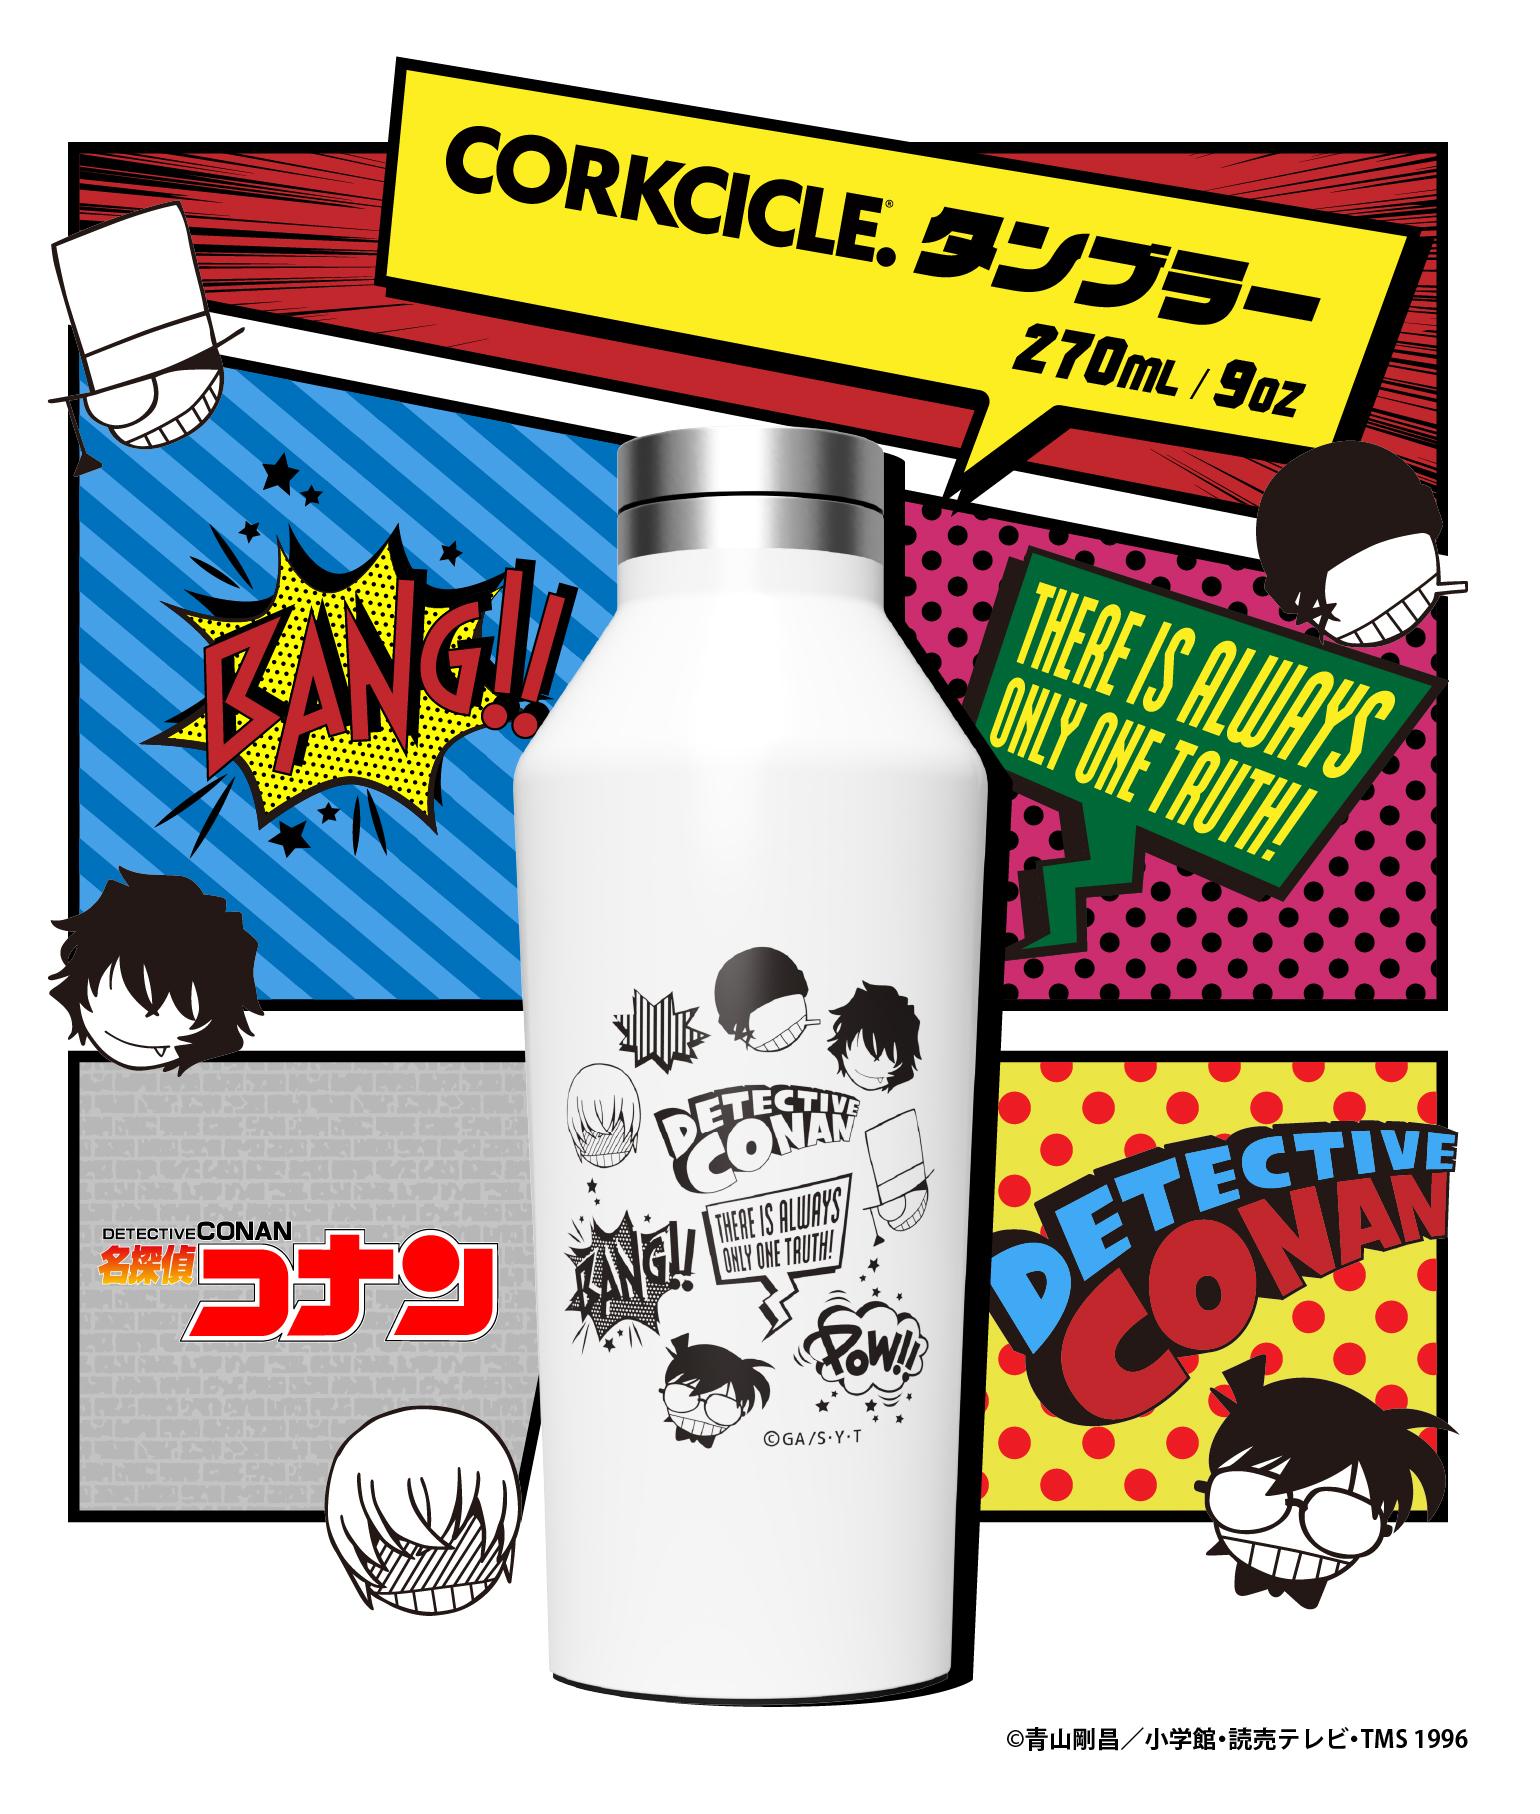 【名探偵コナン】スタイリッシュなタンブラー / CORKCICLE.®が新発売!